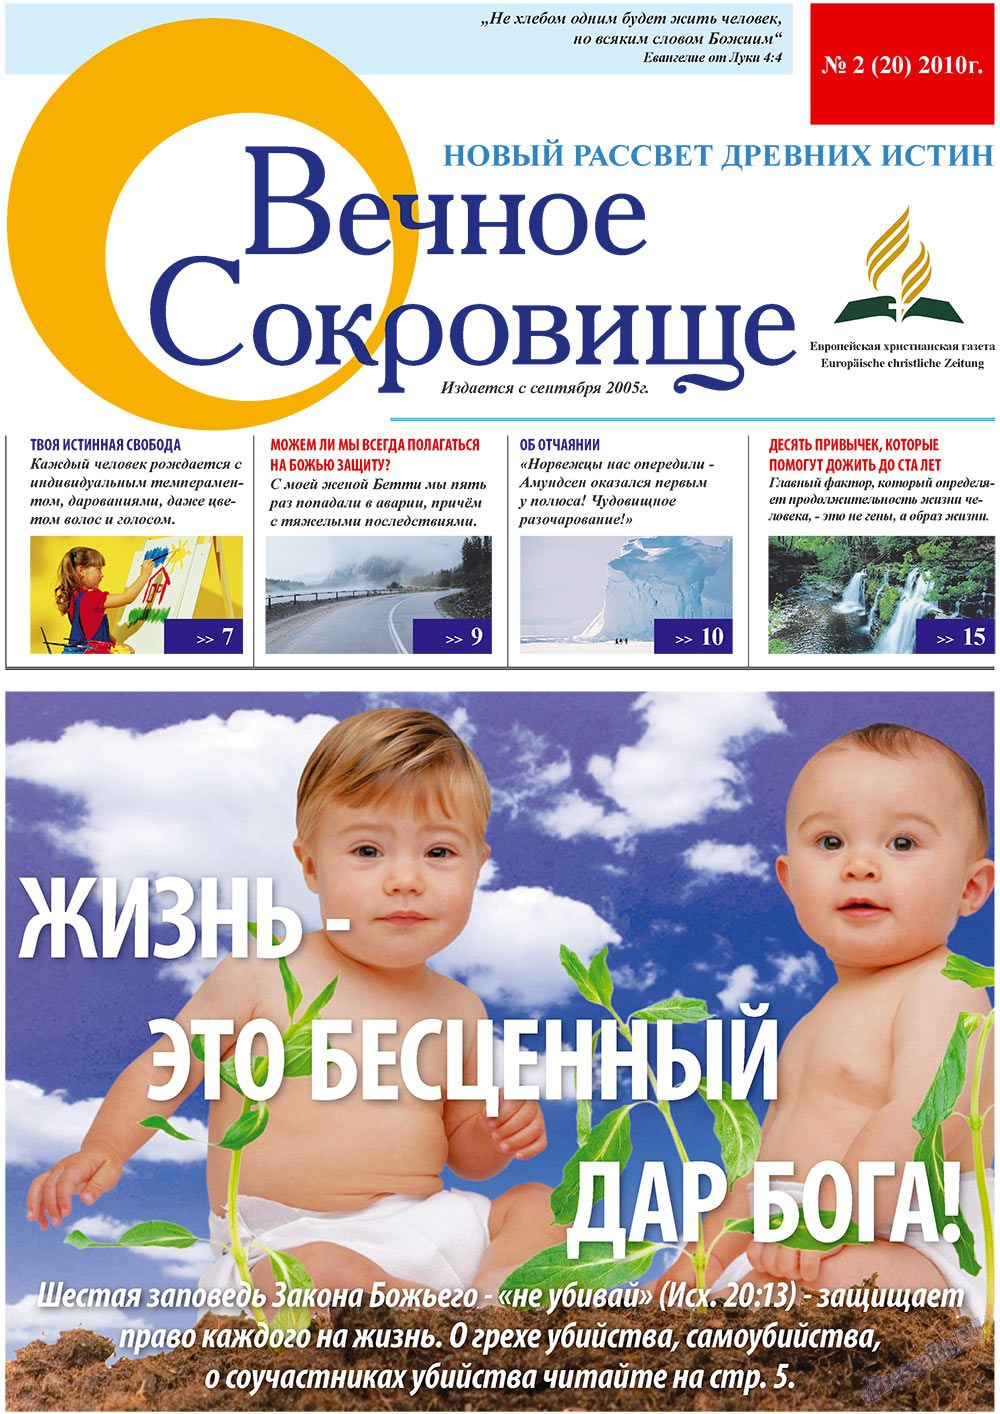 Вечное сокровище (газета). 2010 год, номер 2, стр. 1